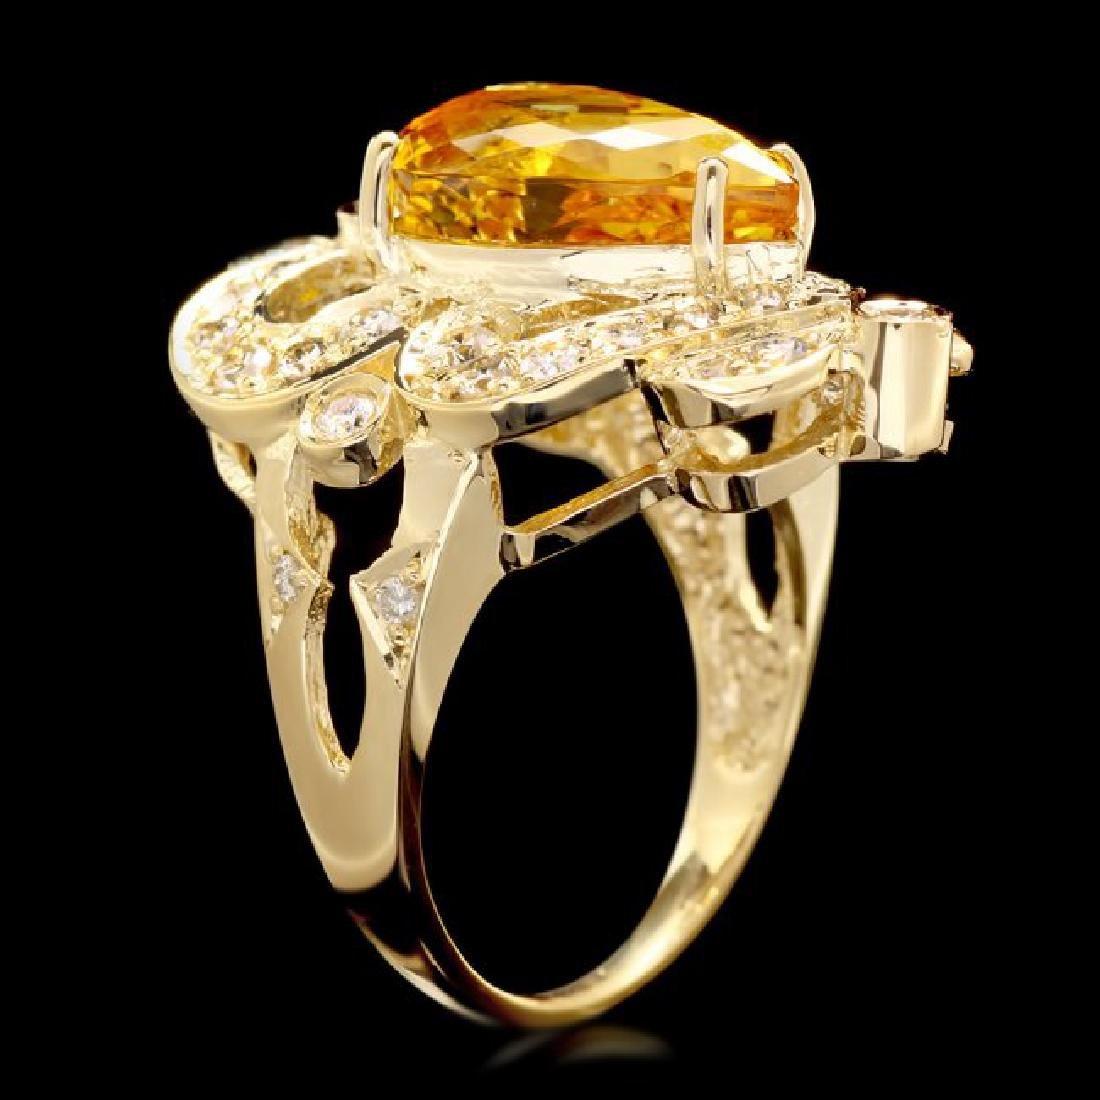 14k Yellow Gold 5.50ct Beryl 1.15ct Diamond Ring - 3